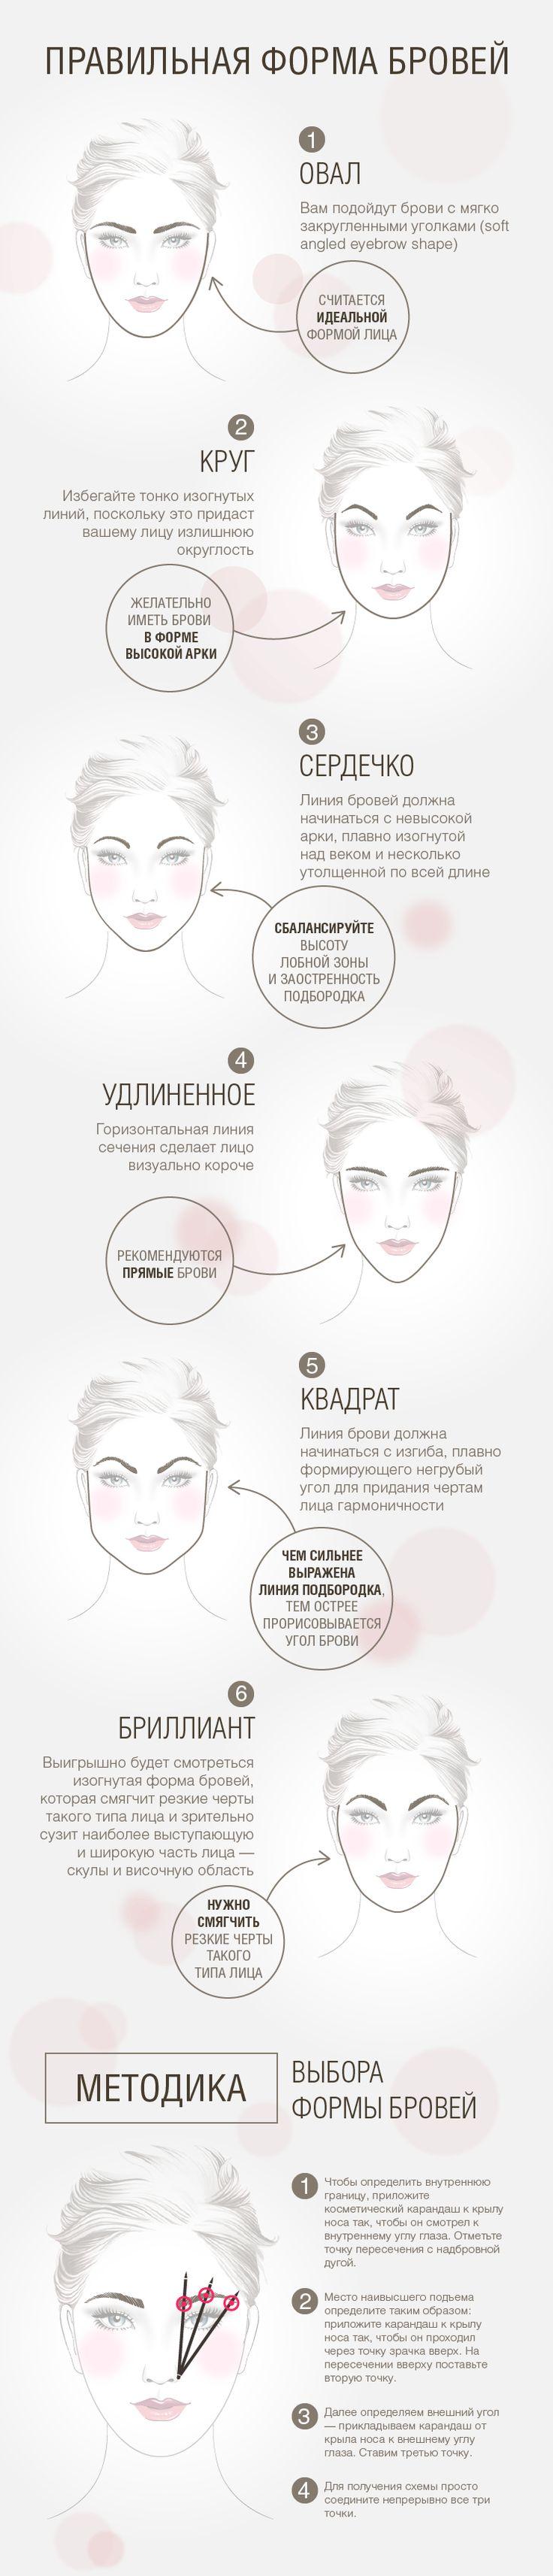 Как подобрать форму бровей по типу лица | Журнал Cosmopolitan